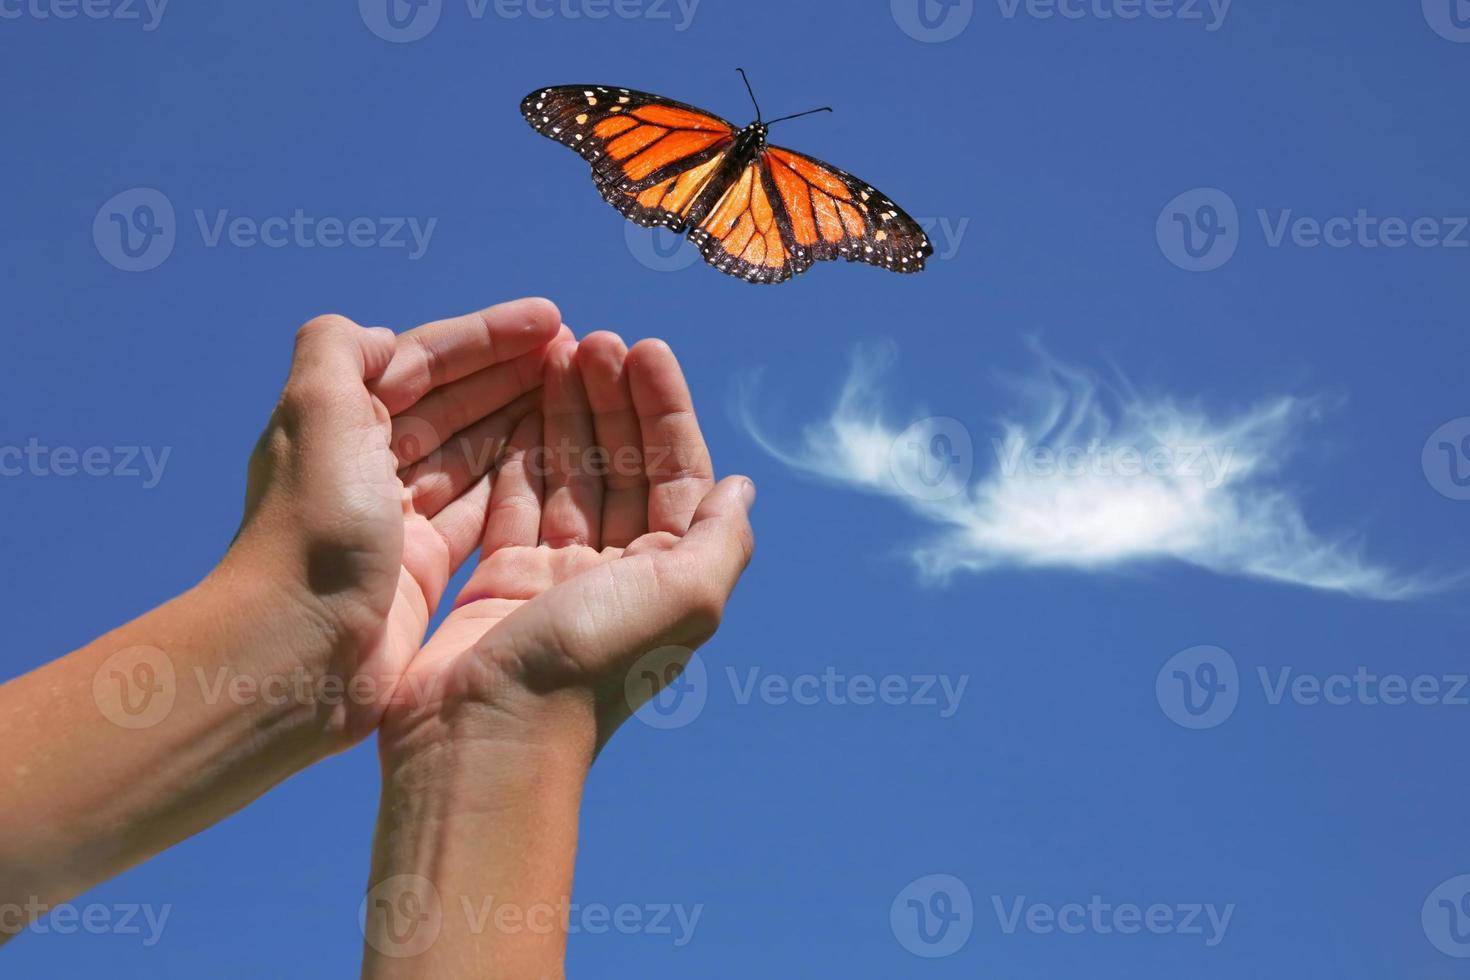 monarkfjäril släppt foto